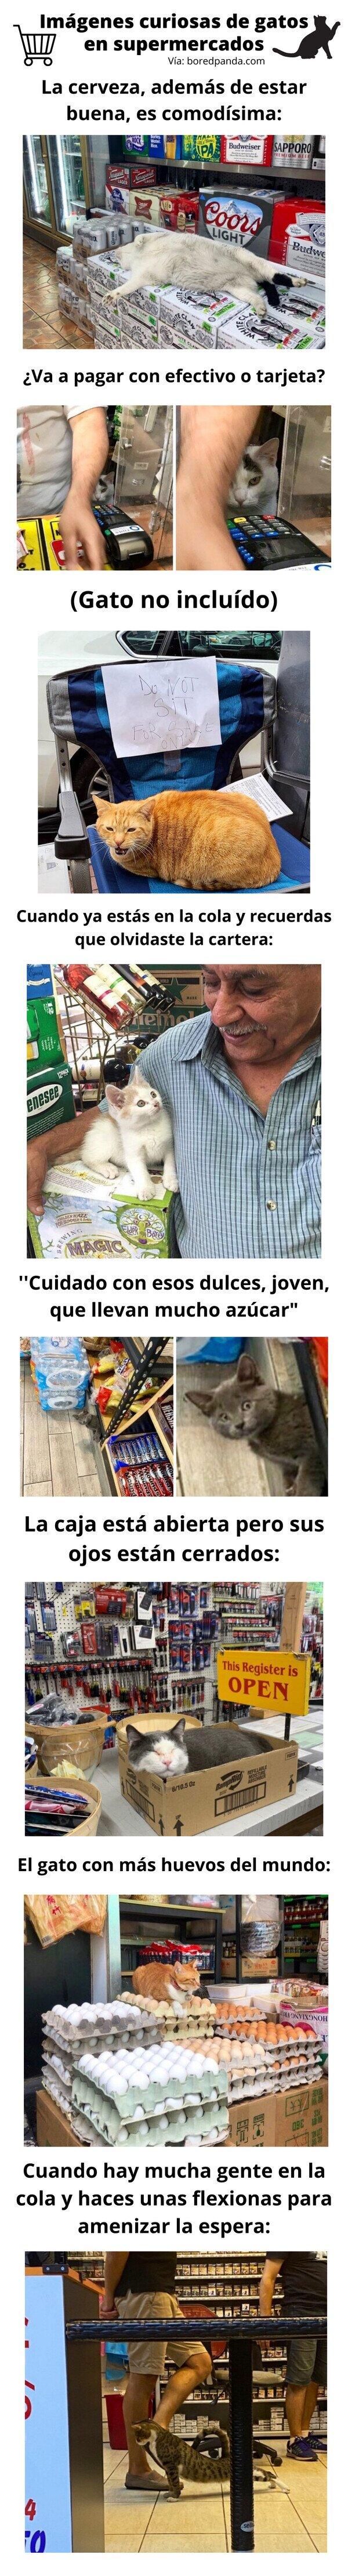 Meme_otros - Imágenes curiosas de gatos en supermercados